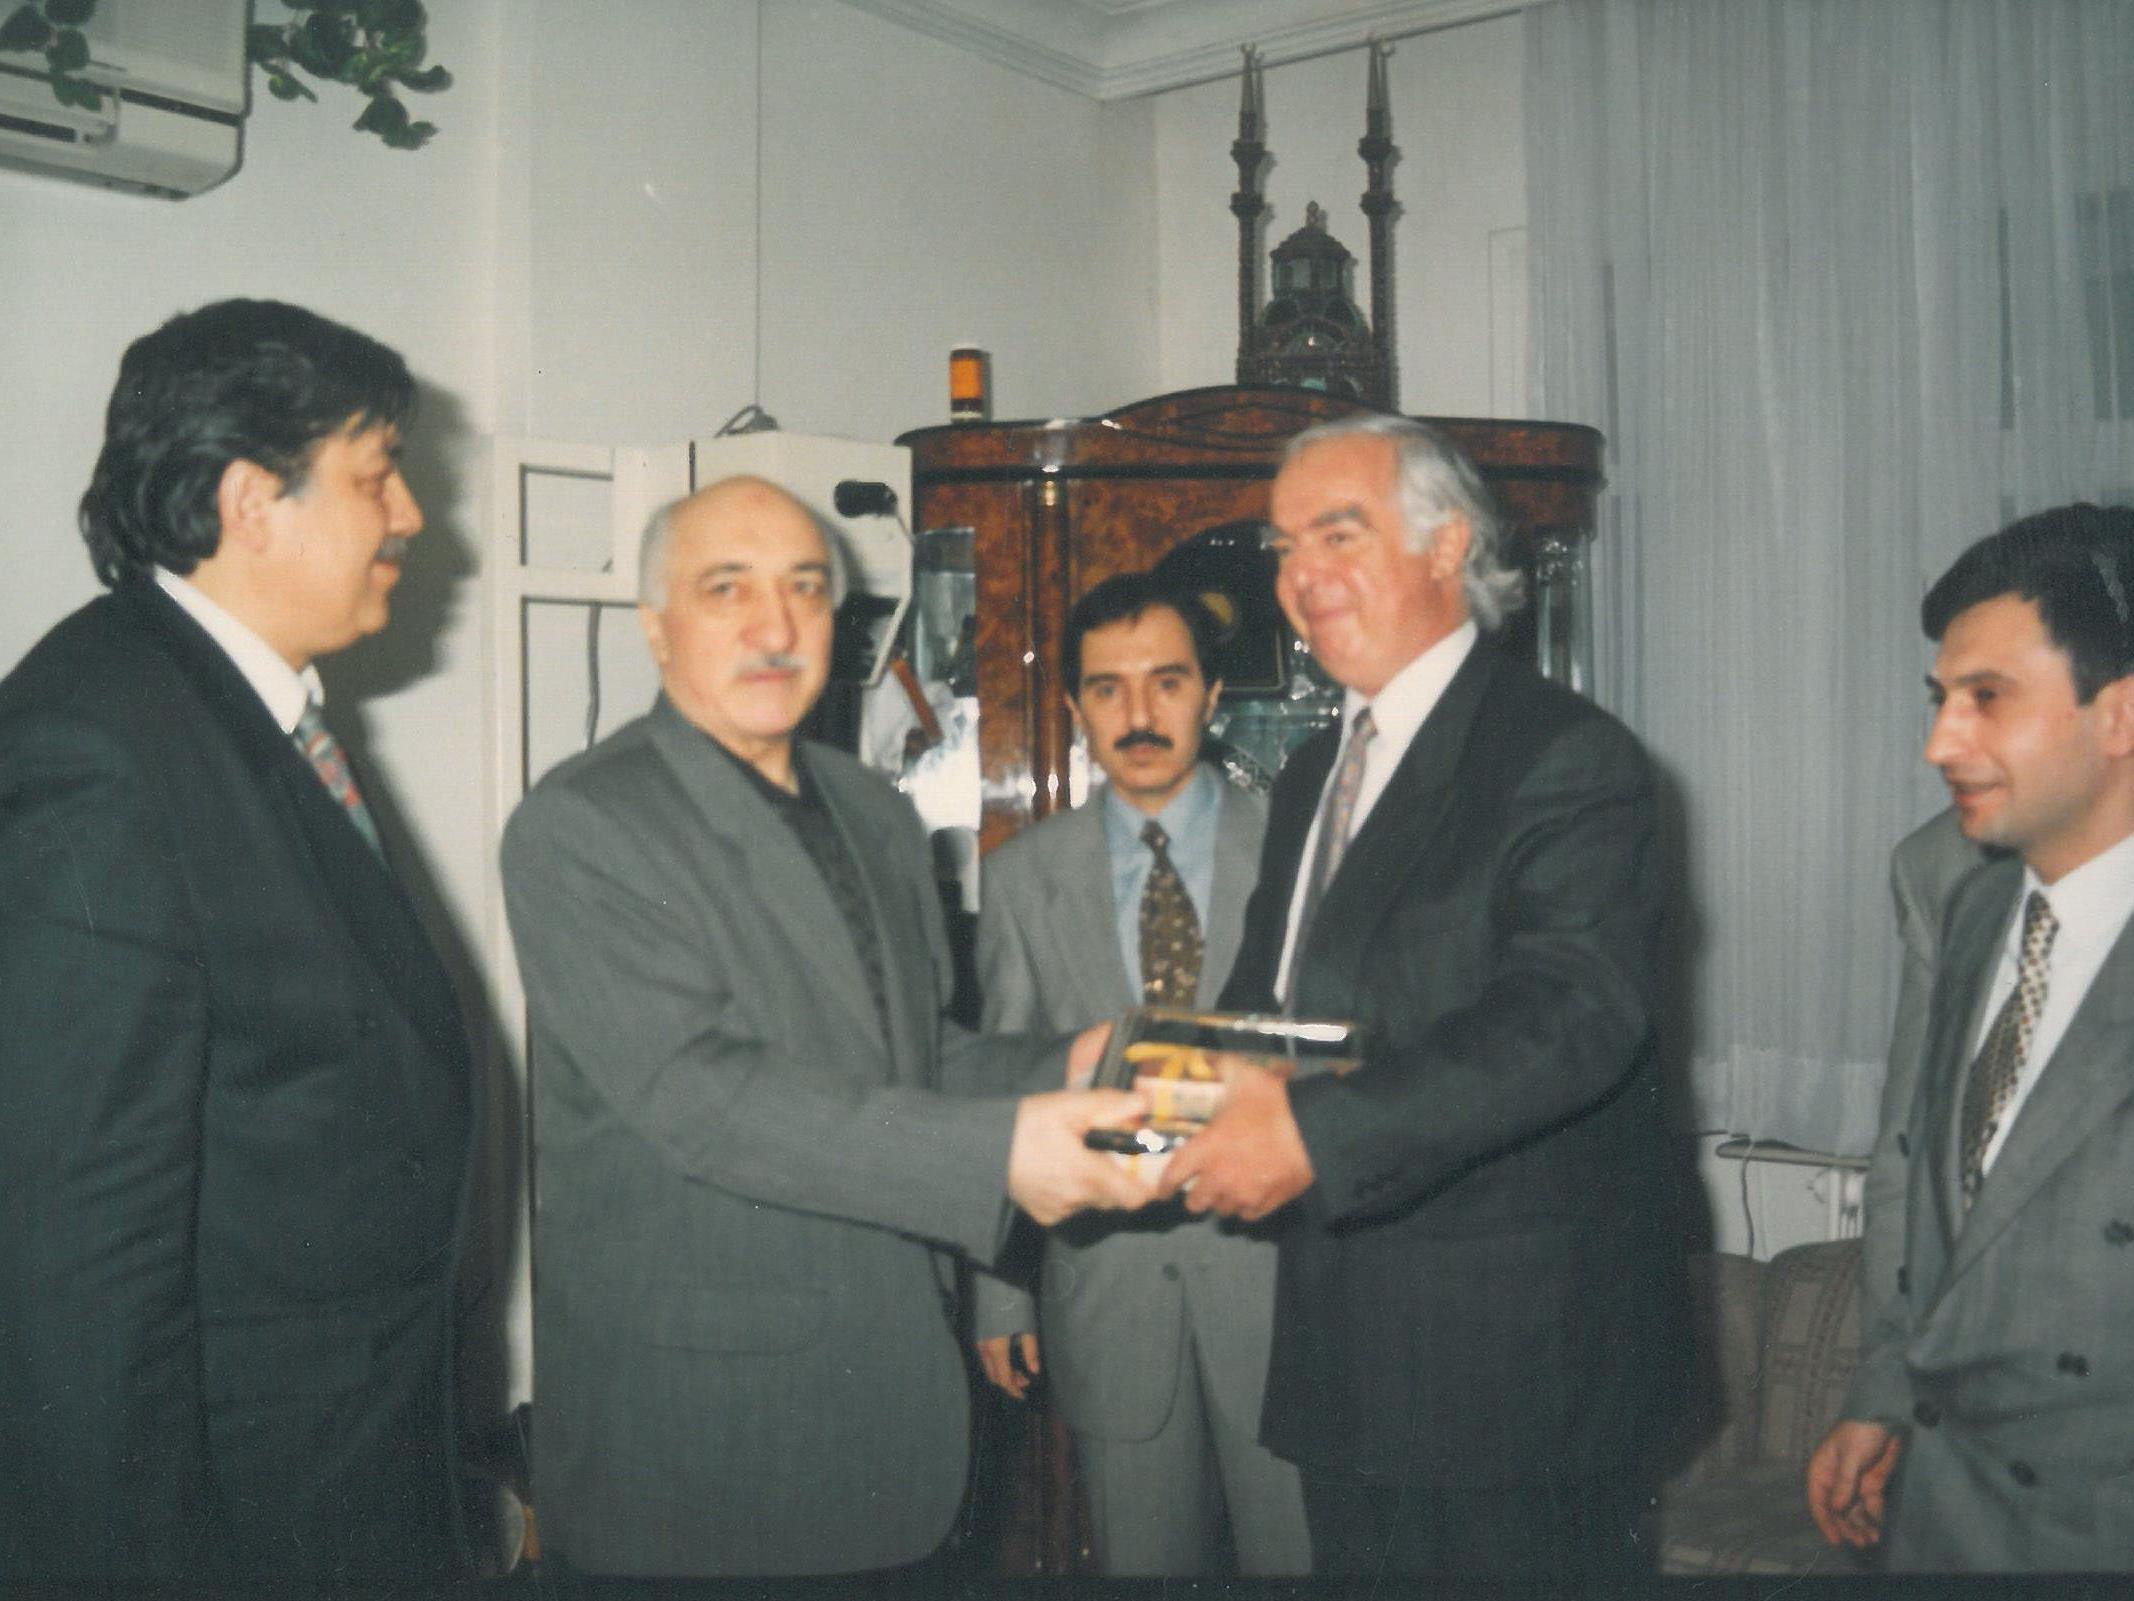 Das Foto zeigt Gstrein mit dem Prediger Fethullah Gülen in den 1990erJahren. Damals waren Gülen und Erdogan noch Weggefährten.